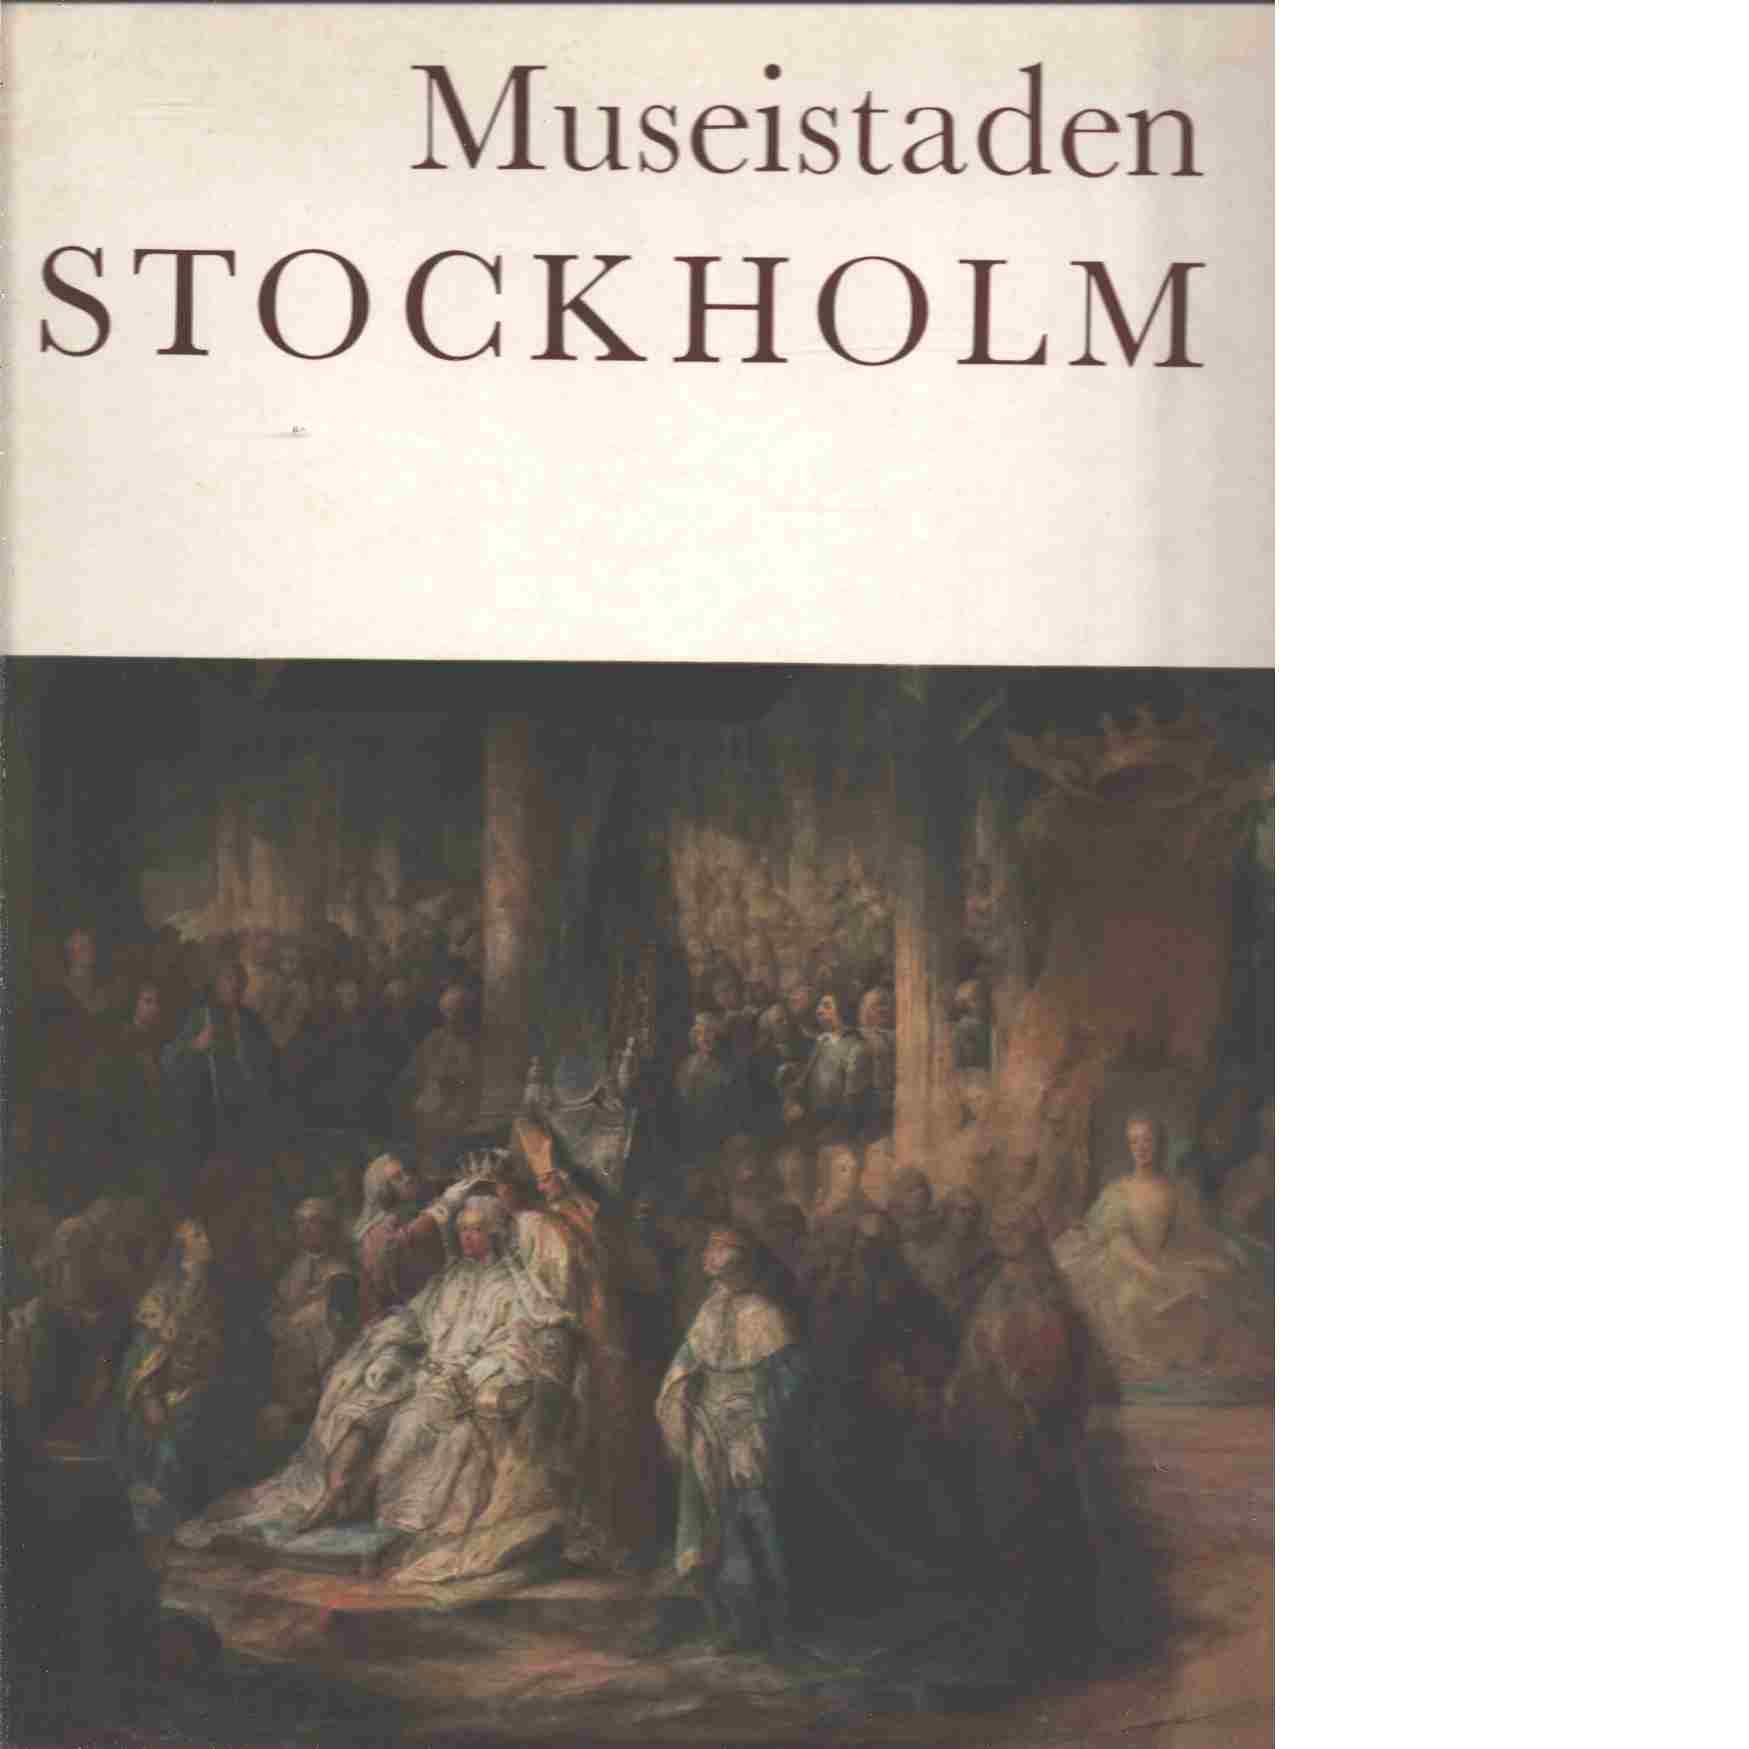 Museistaden Stockholm : konst- och kulturhistoriska museer - Nordenfalk, Carl